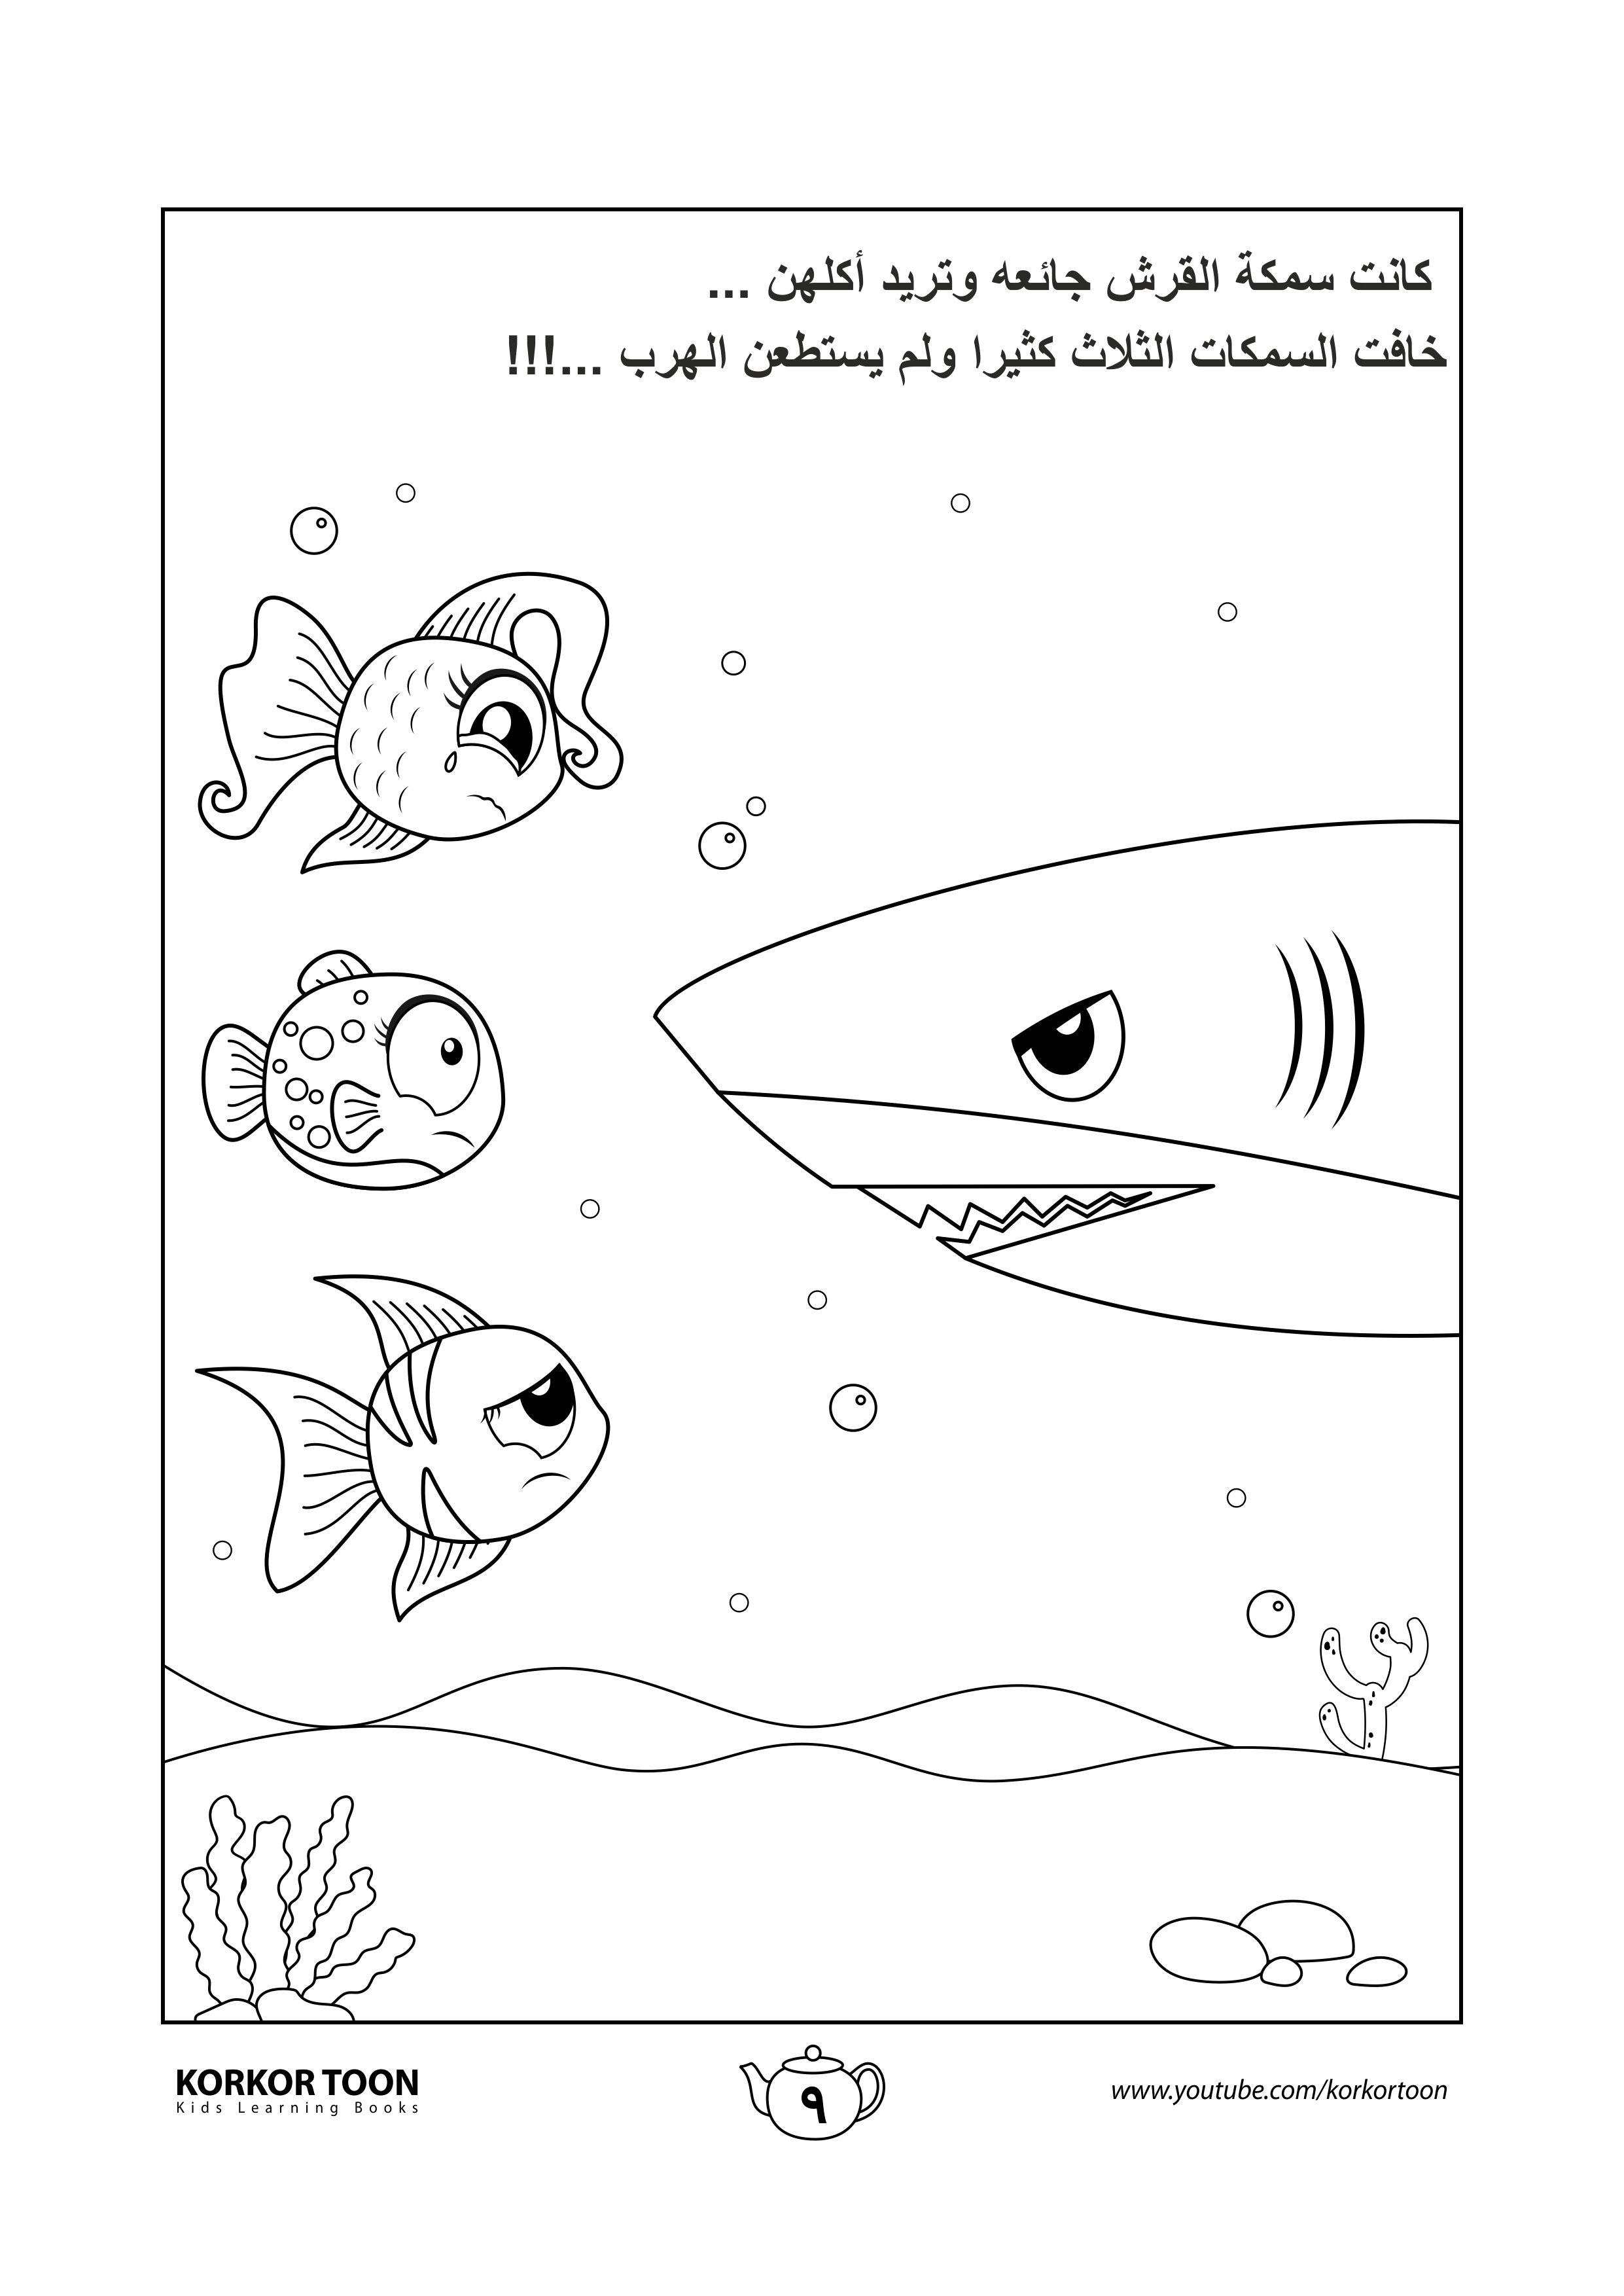 كتاب تلوين قصة السمكة المميزة صفحة 9 In 2021 Coloring Books Color Books